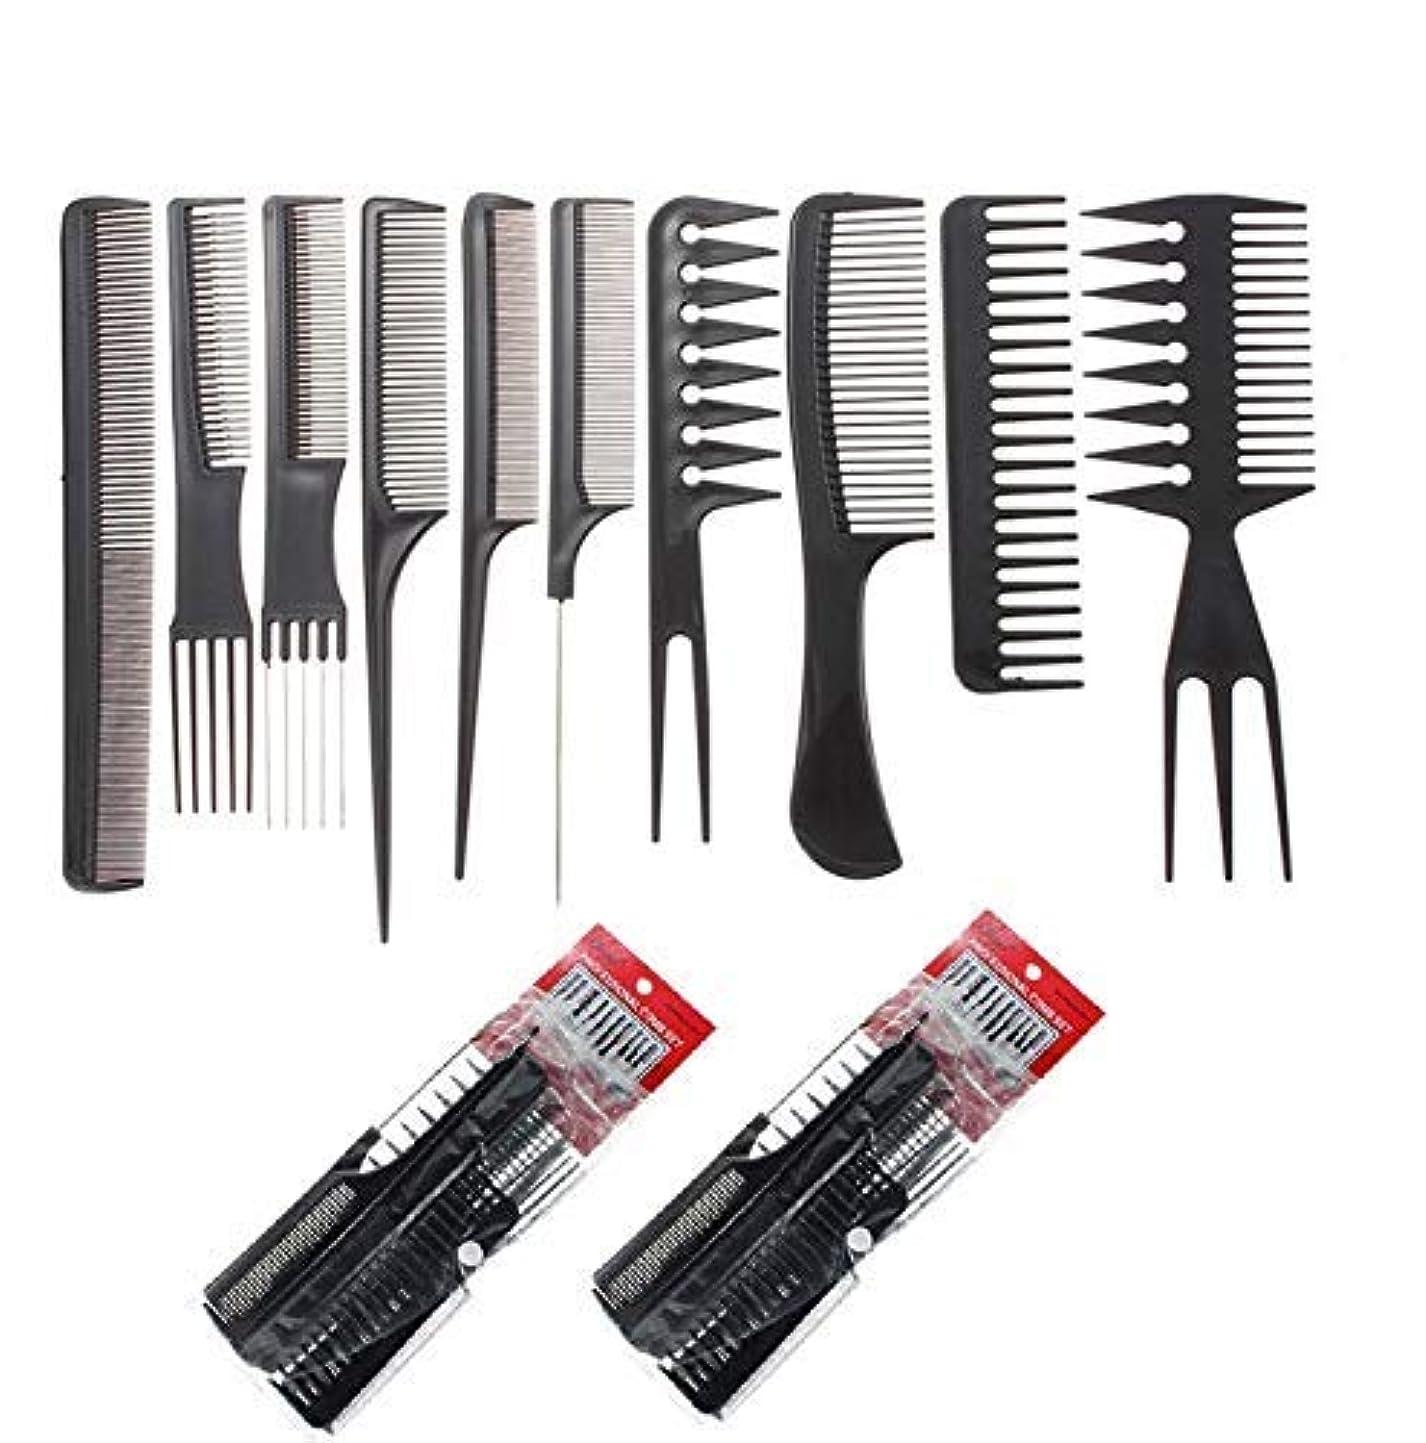 遠近法歩道時計SBYURE 20pcs Professional Styling Comb Set,10pcs/Set,2 Set Salon Hairdressing Combs Hair Care Styling Tools Hair...